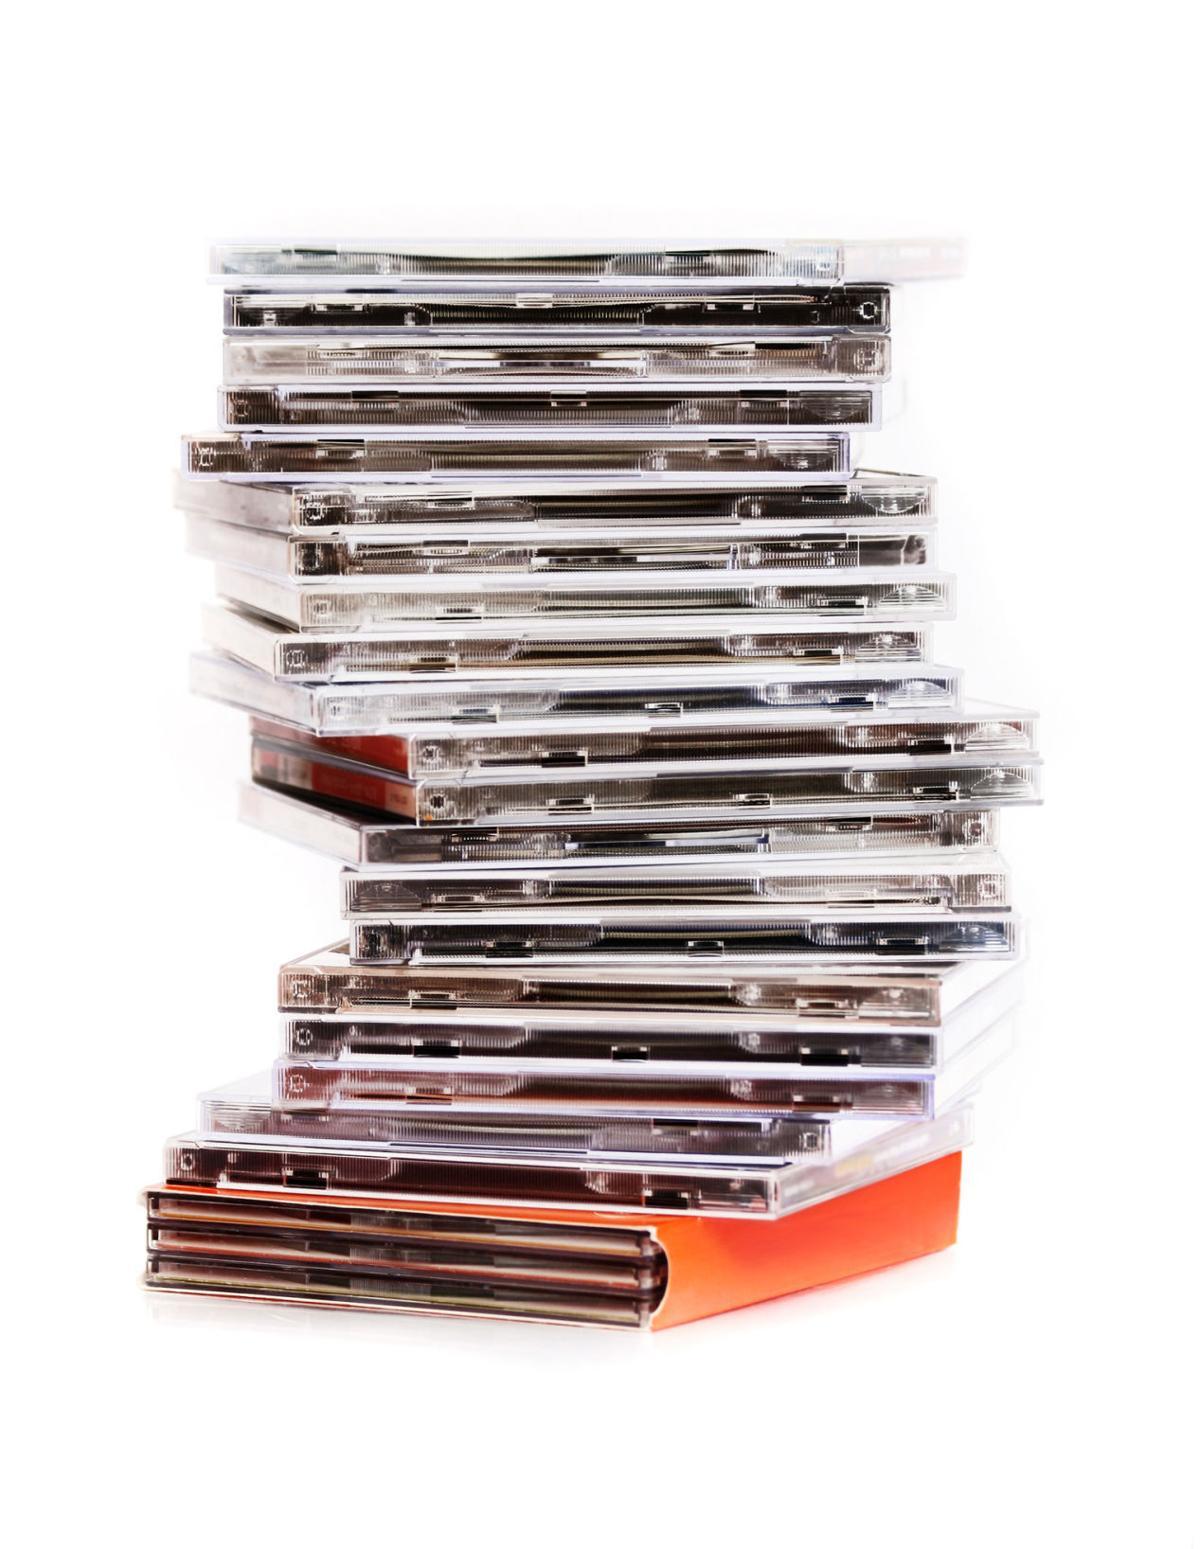 ENTER MUS-COMPACT-DISCS LA